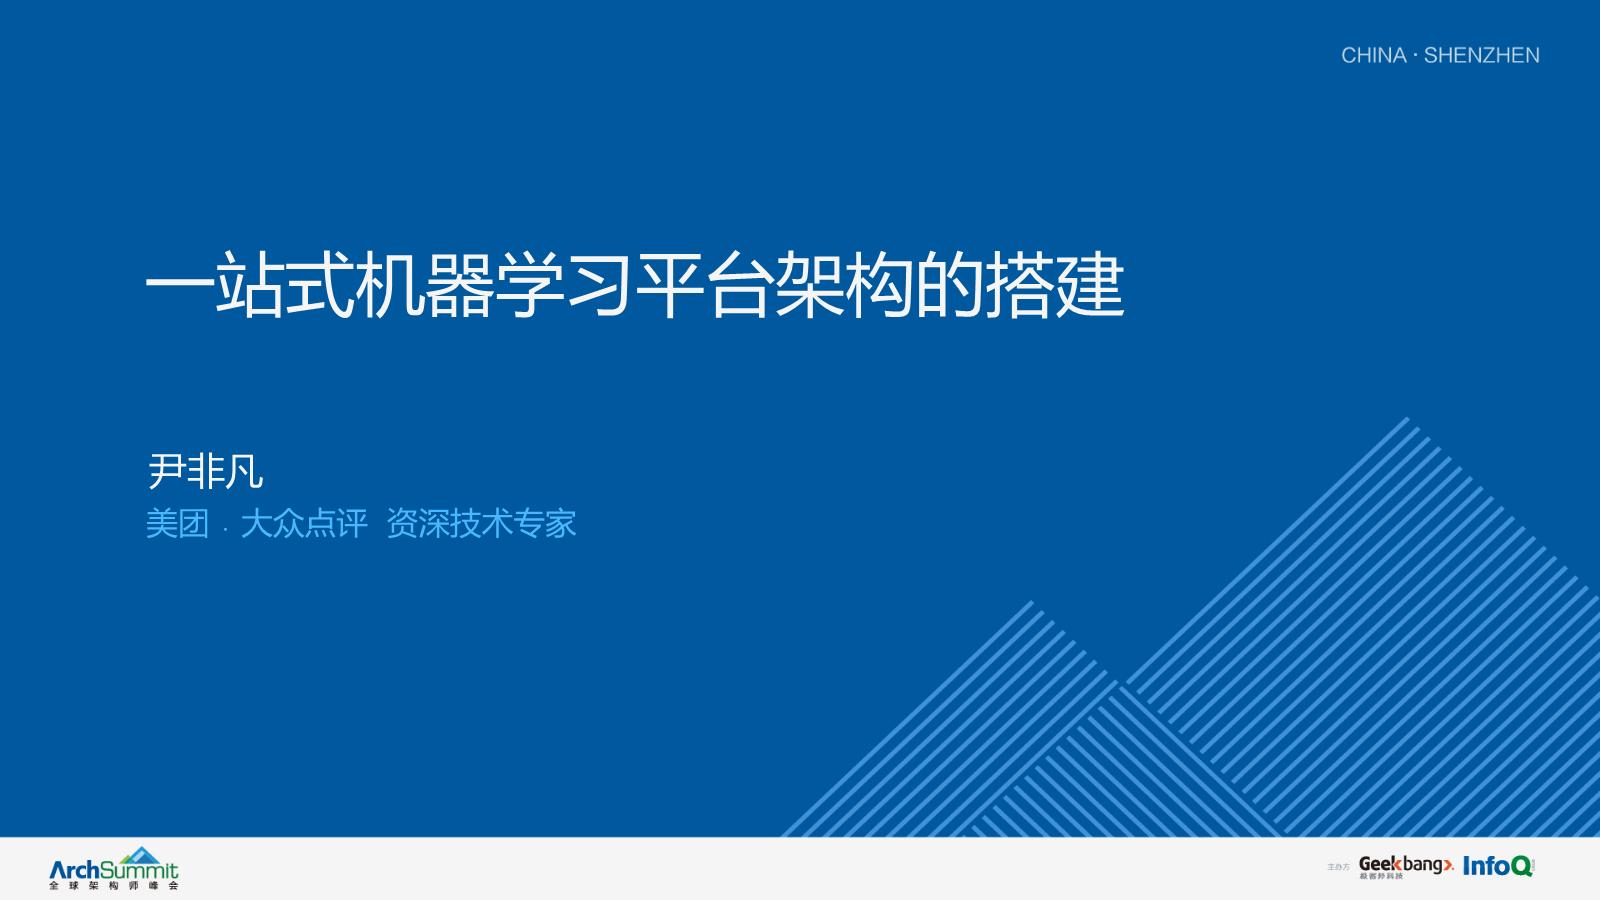 尹非凡-一站式机器学习平台架构的搭建